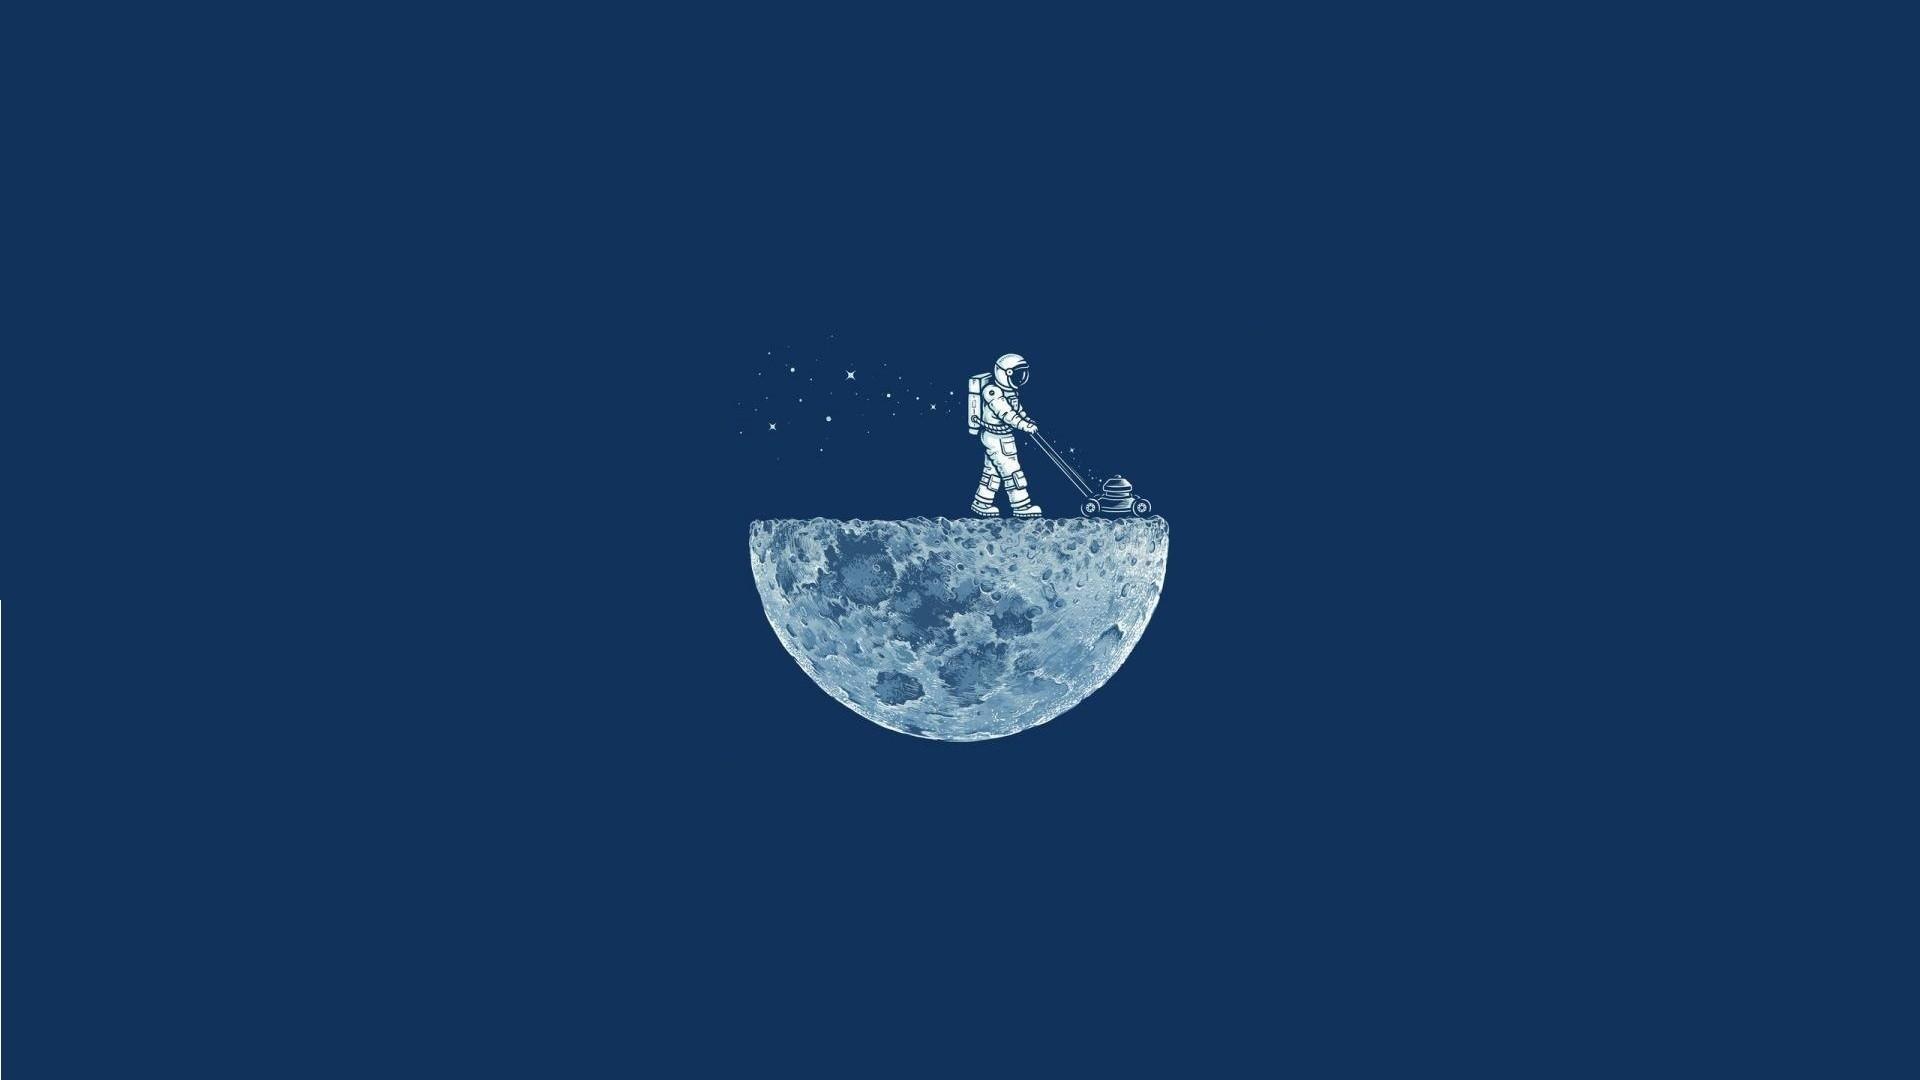 Moon-Astronauts-Illustration-Wallpaper